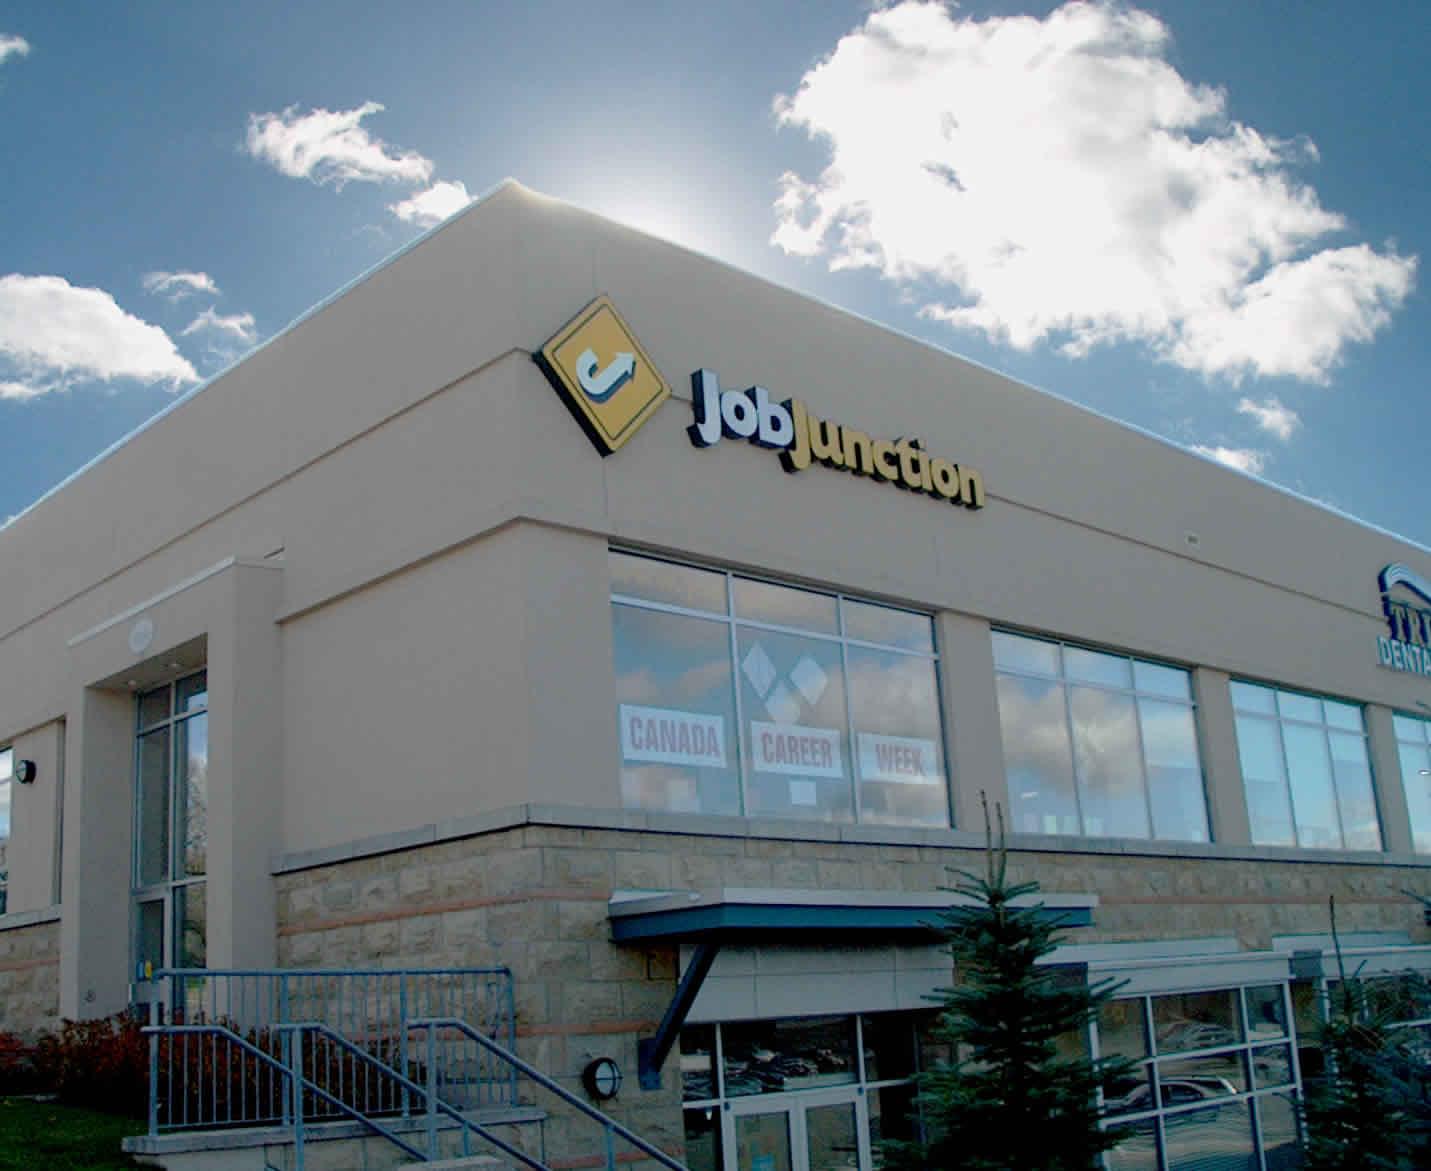 Job Junction building